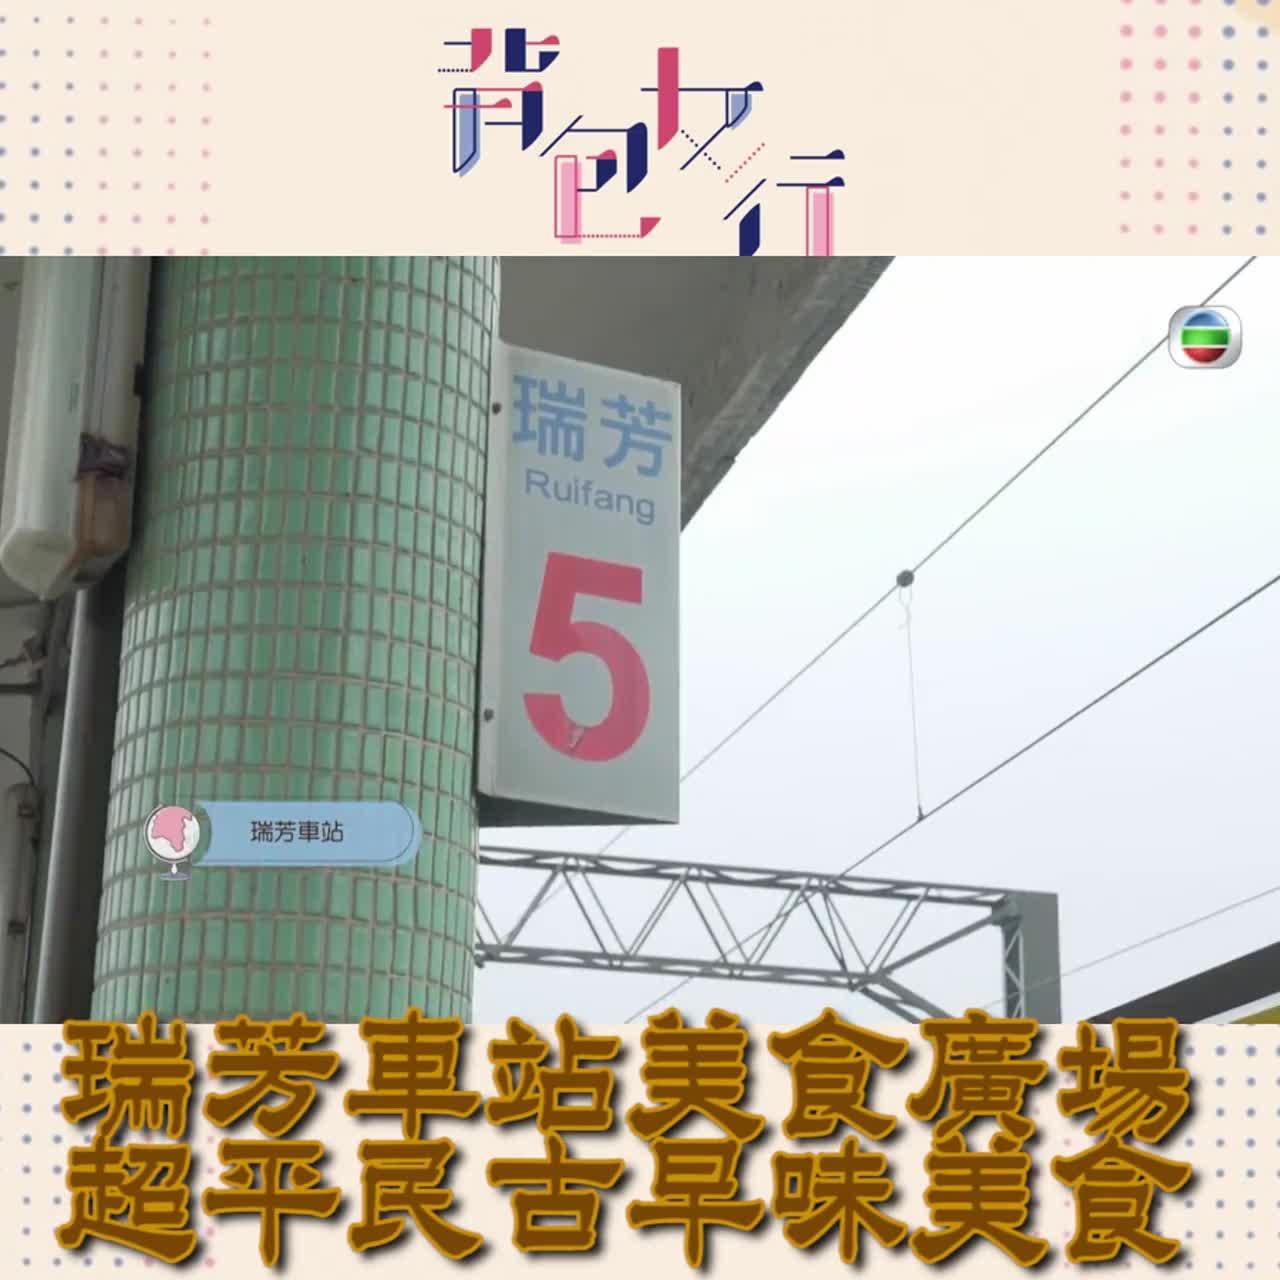 瑞芳車站美食廣場 超平民古早味美食